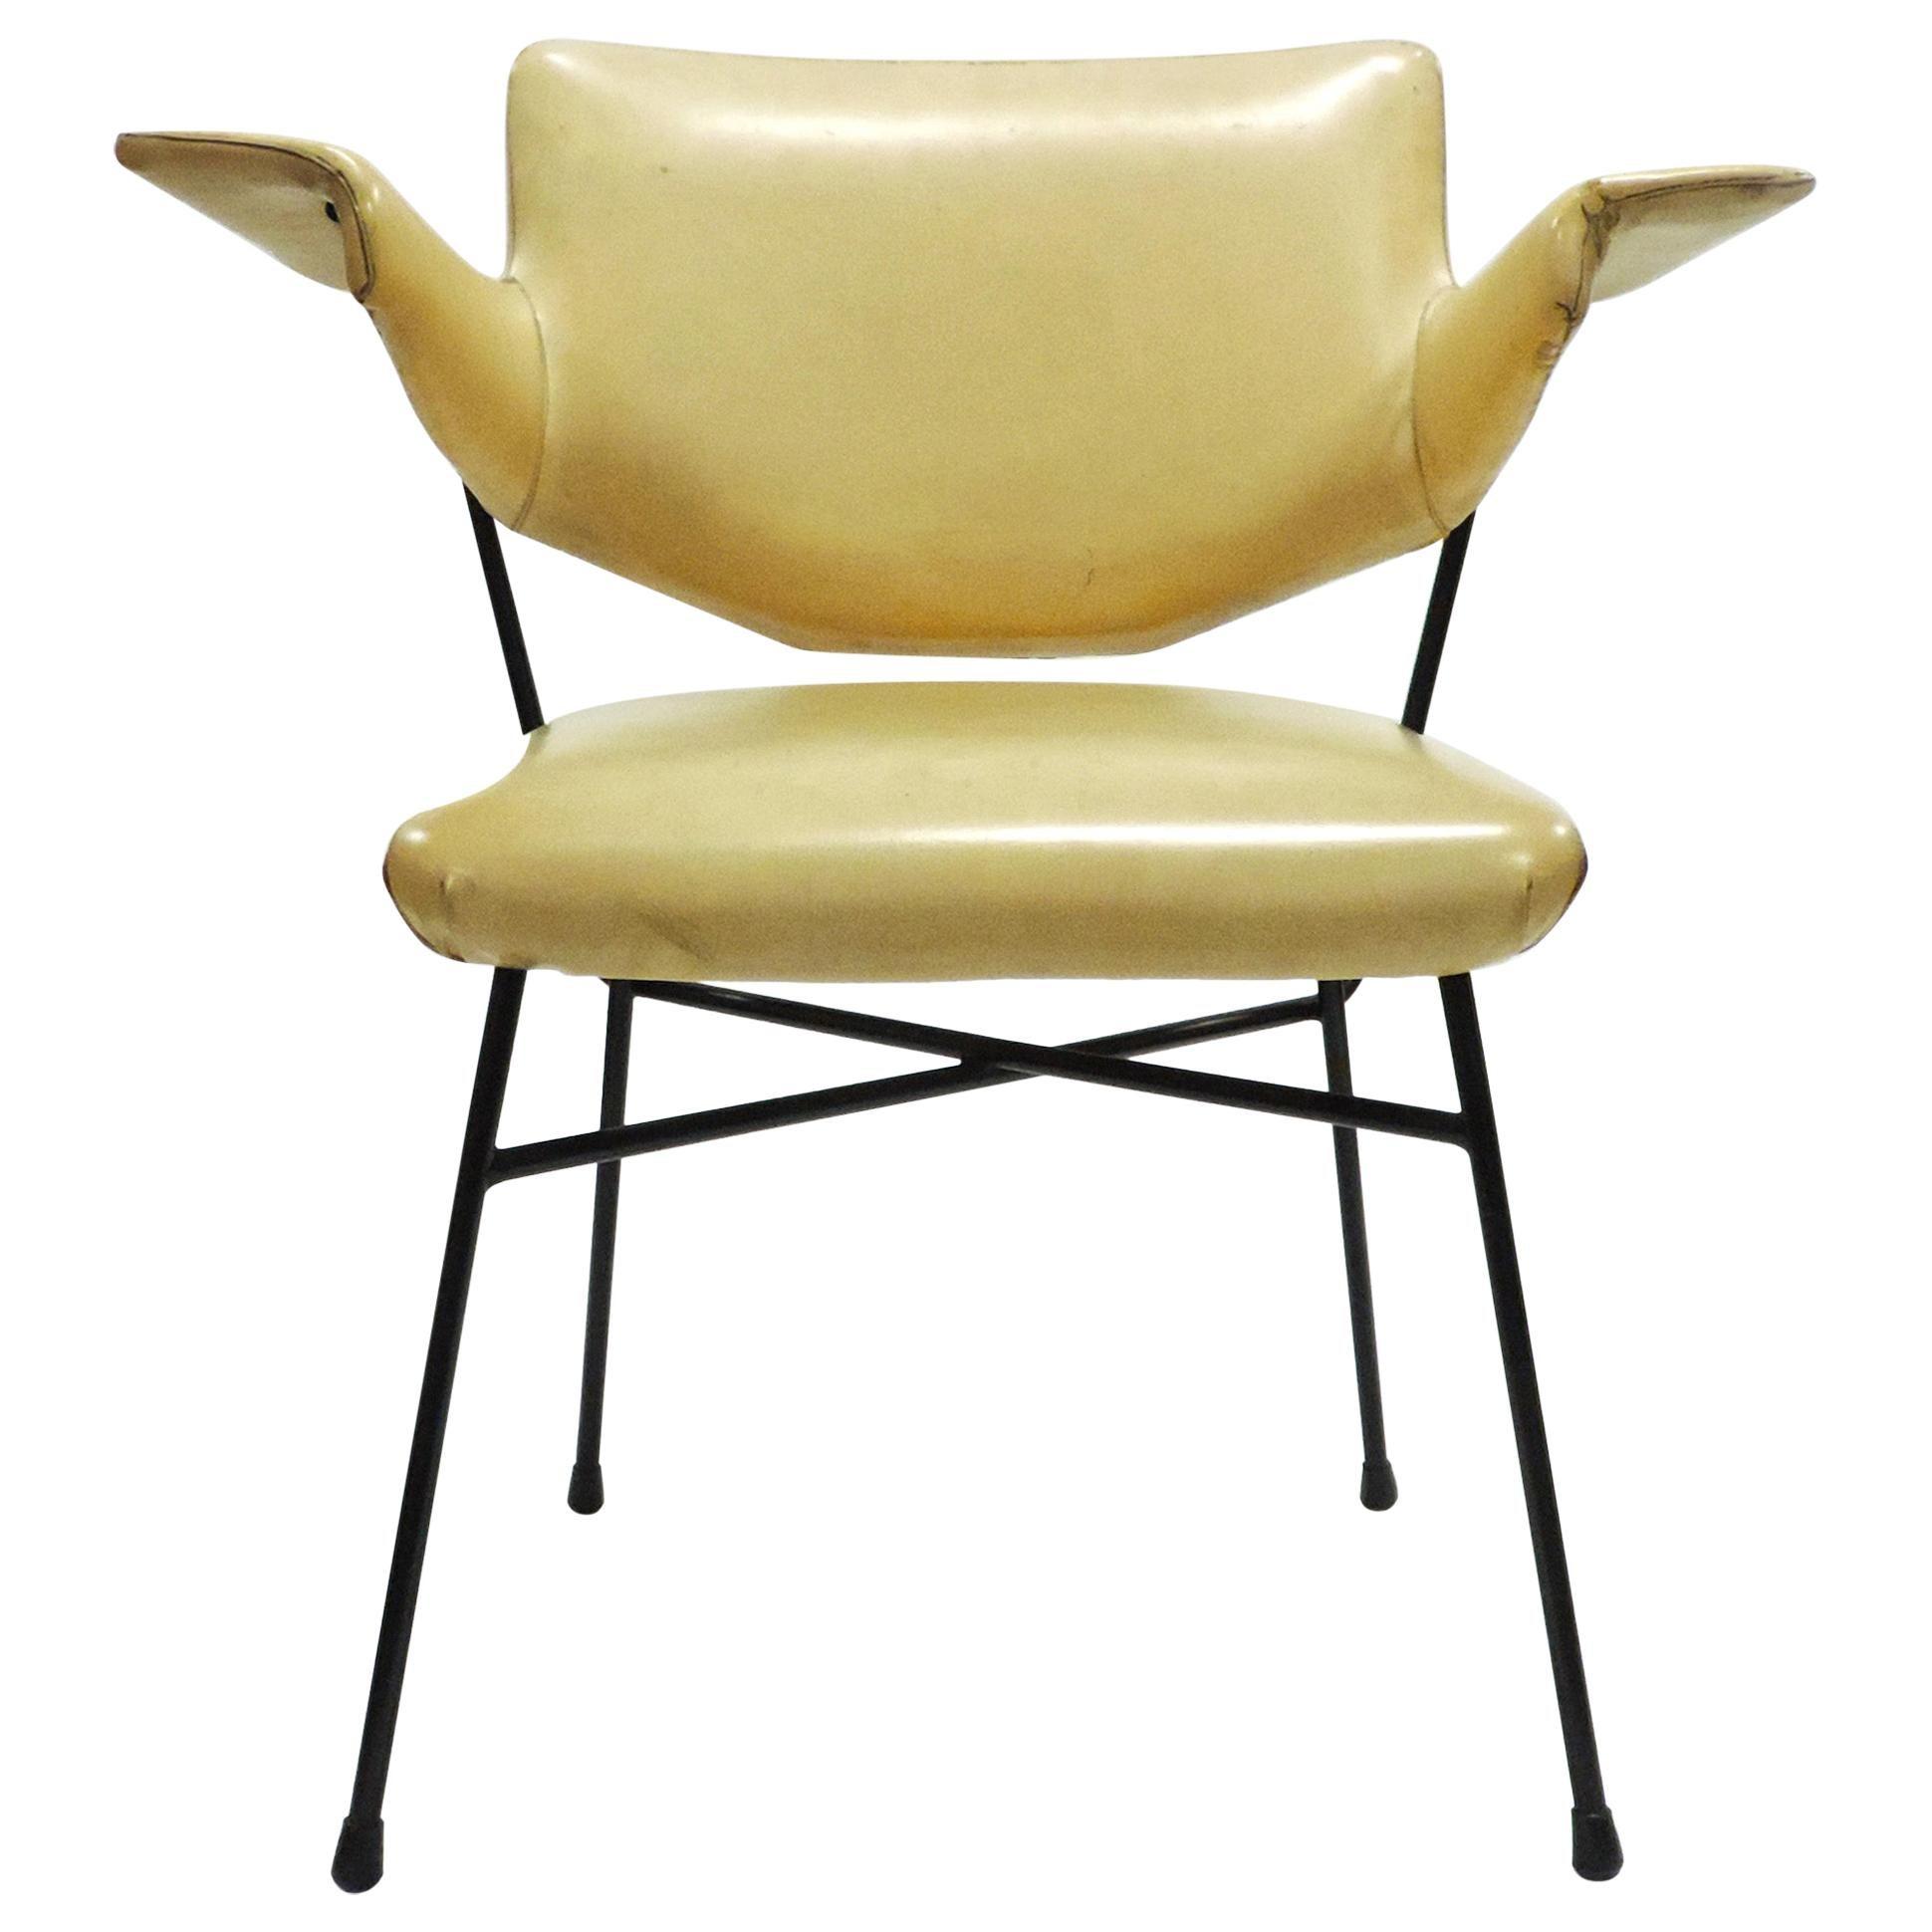 Studio BBPR Urania Armchair for Arflex, Italy, 1954